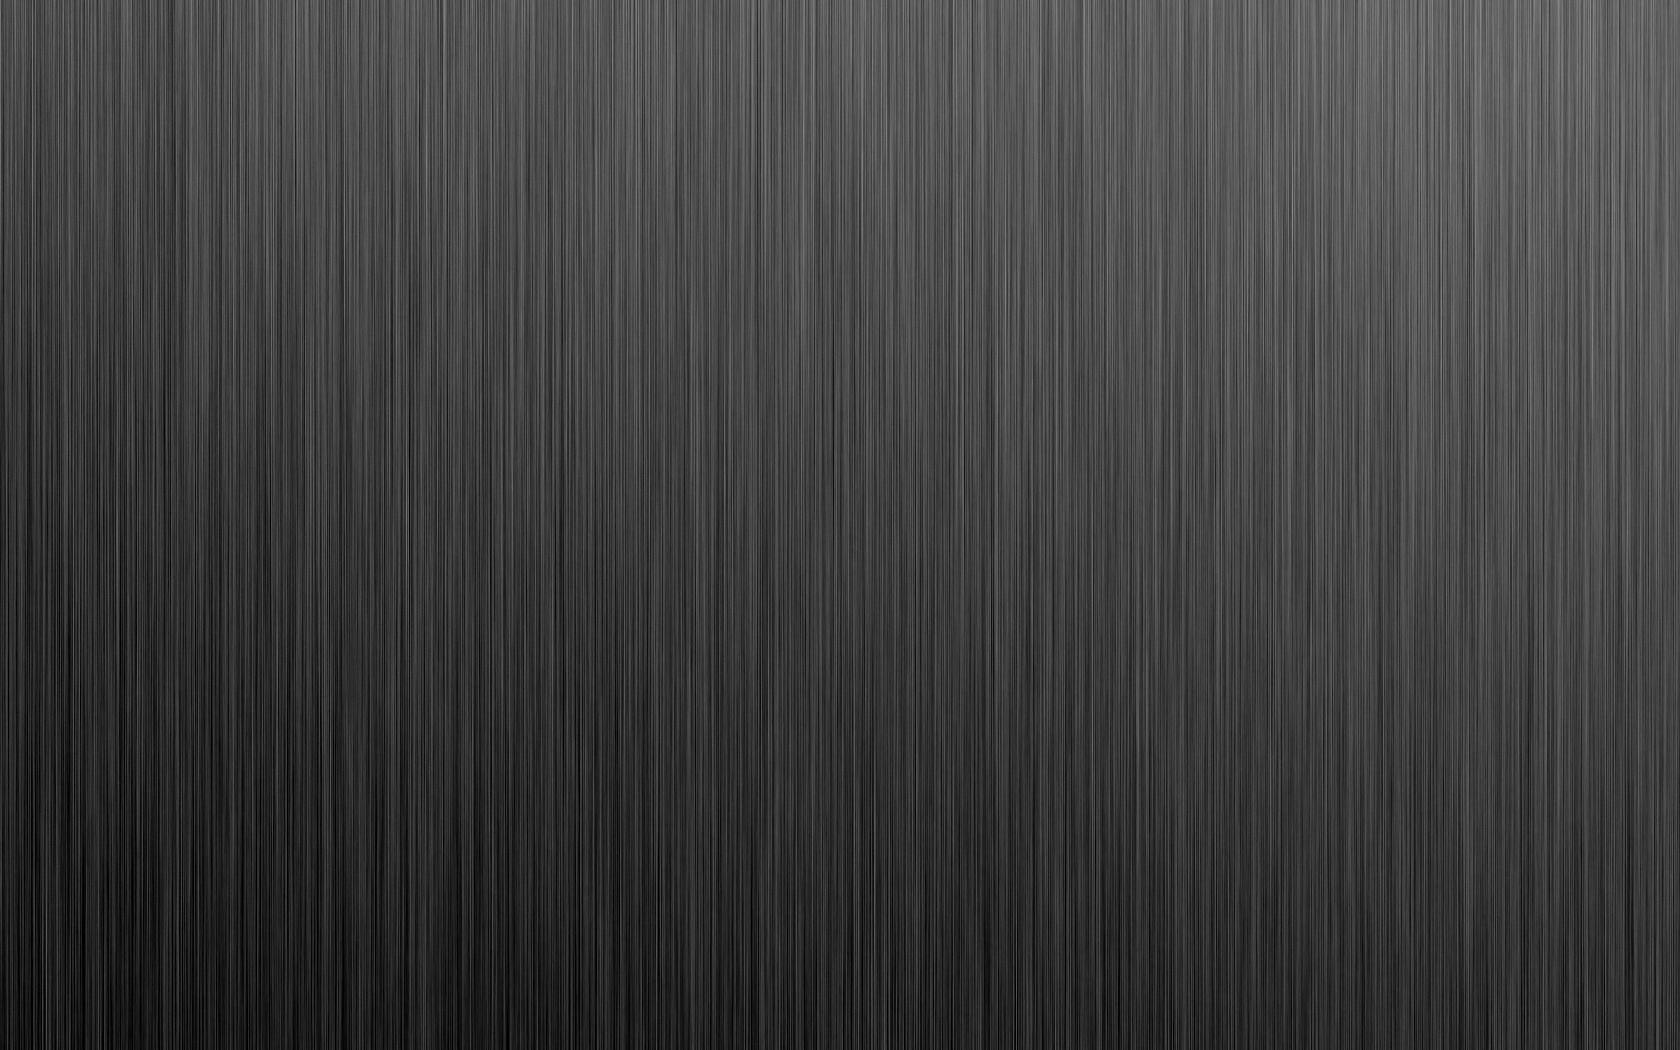 Textura de metal - 1680x1050